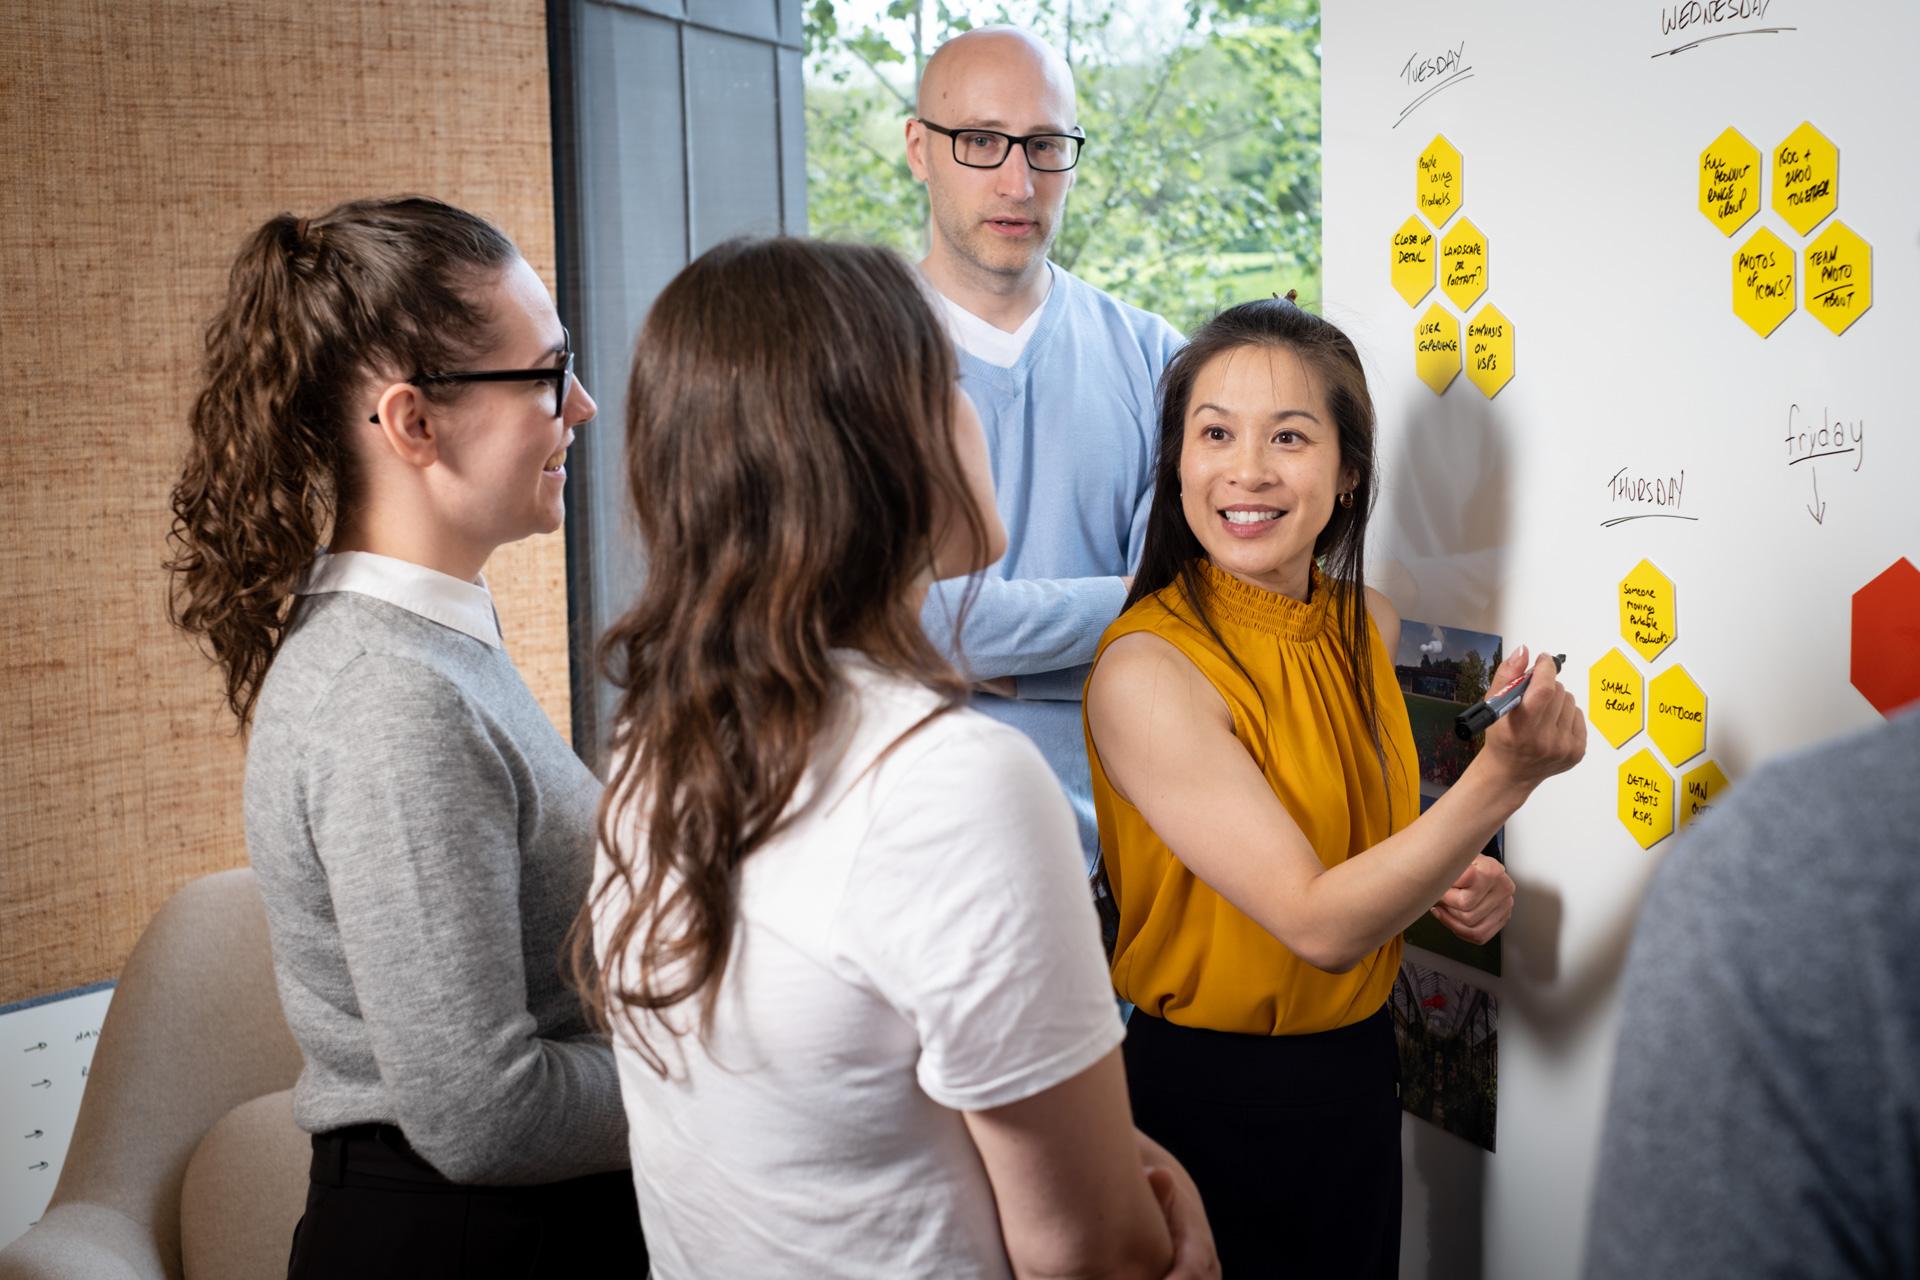 LVT brainstorming whiteboard session